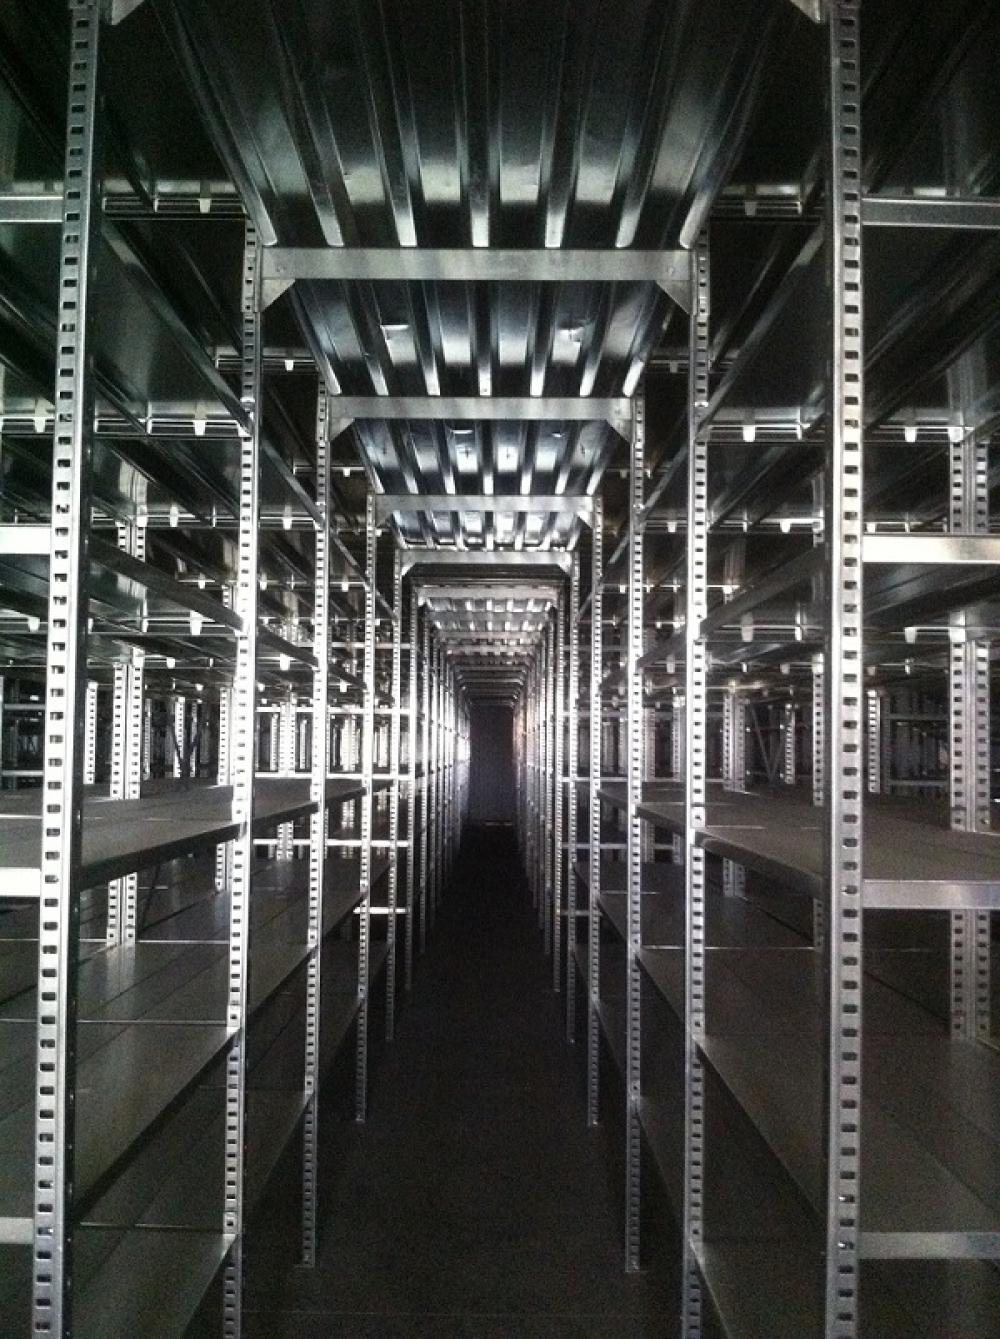 Ungewöhnlich Wohnkessel Galerie - Verdrahtungsideen - korsmi.info